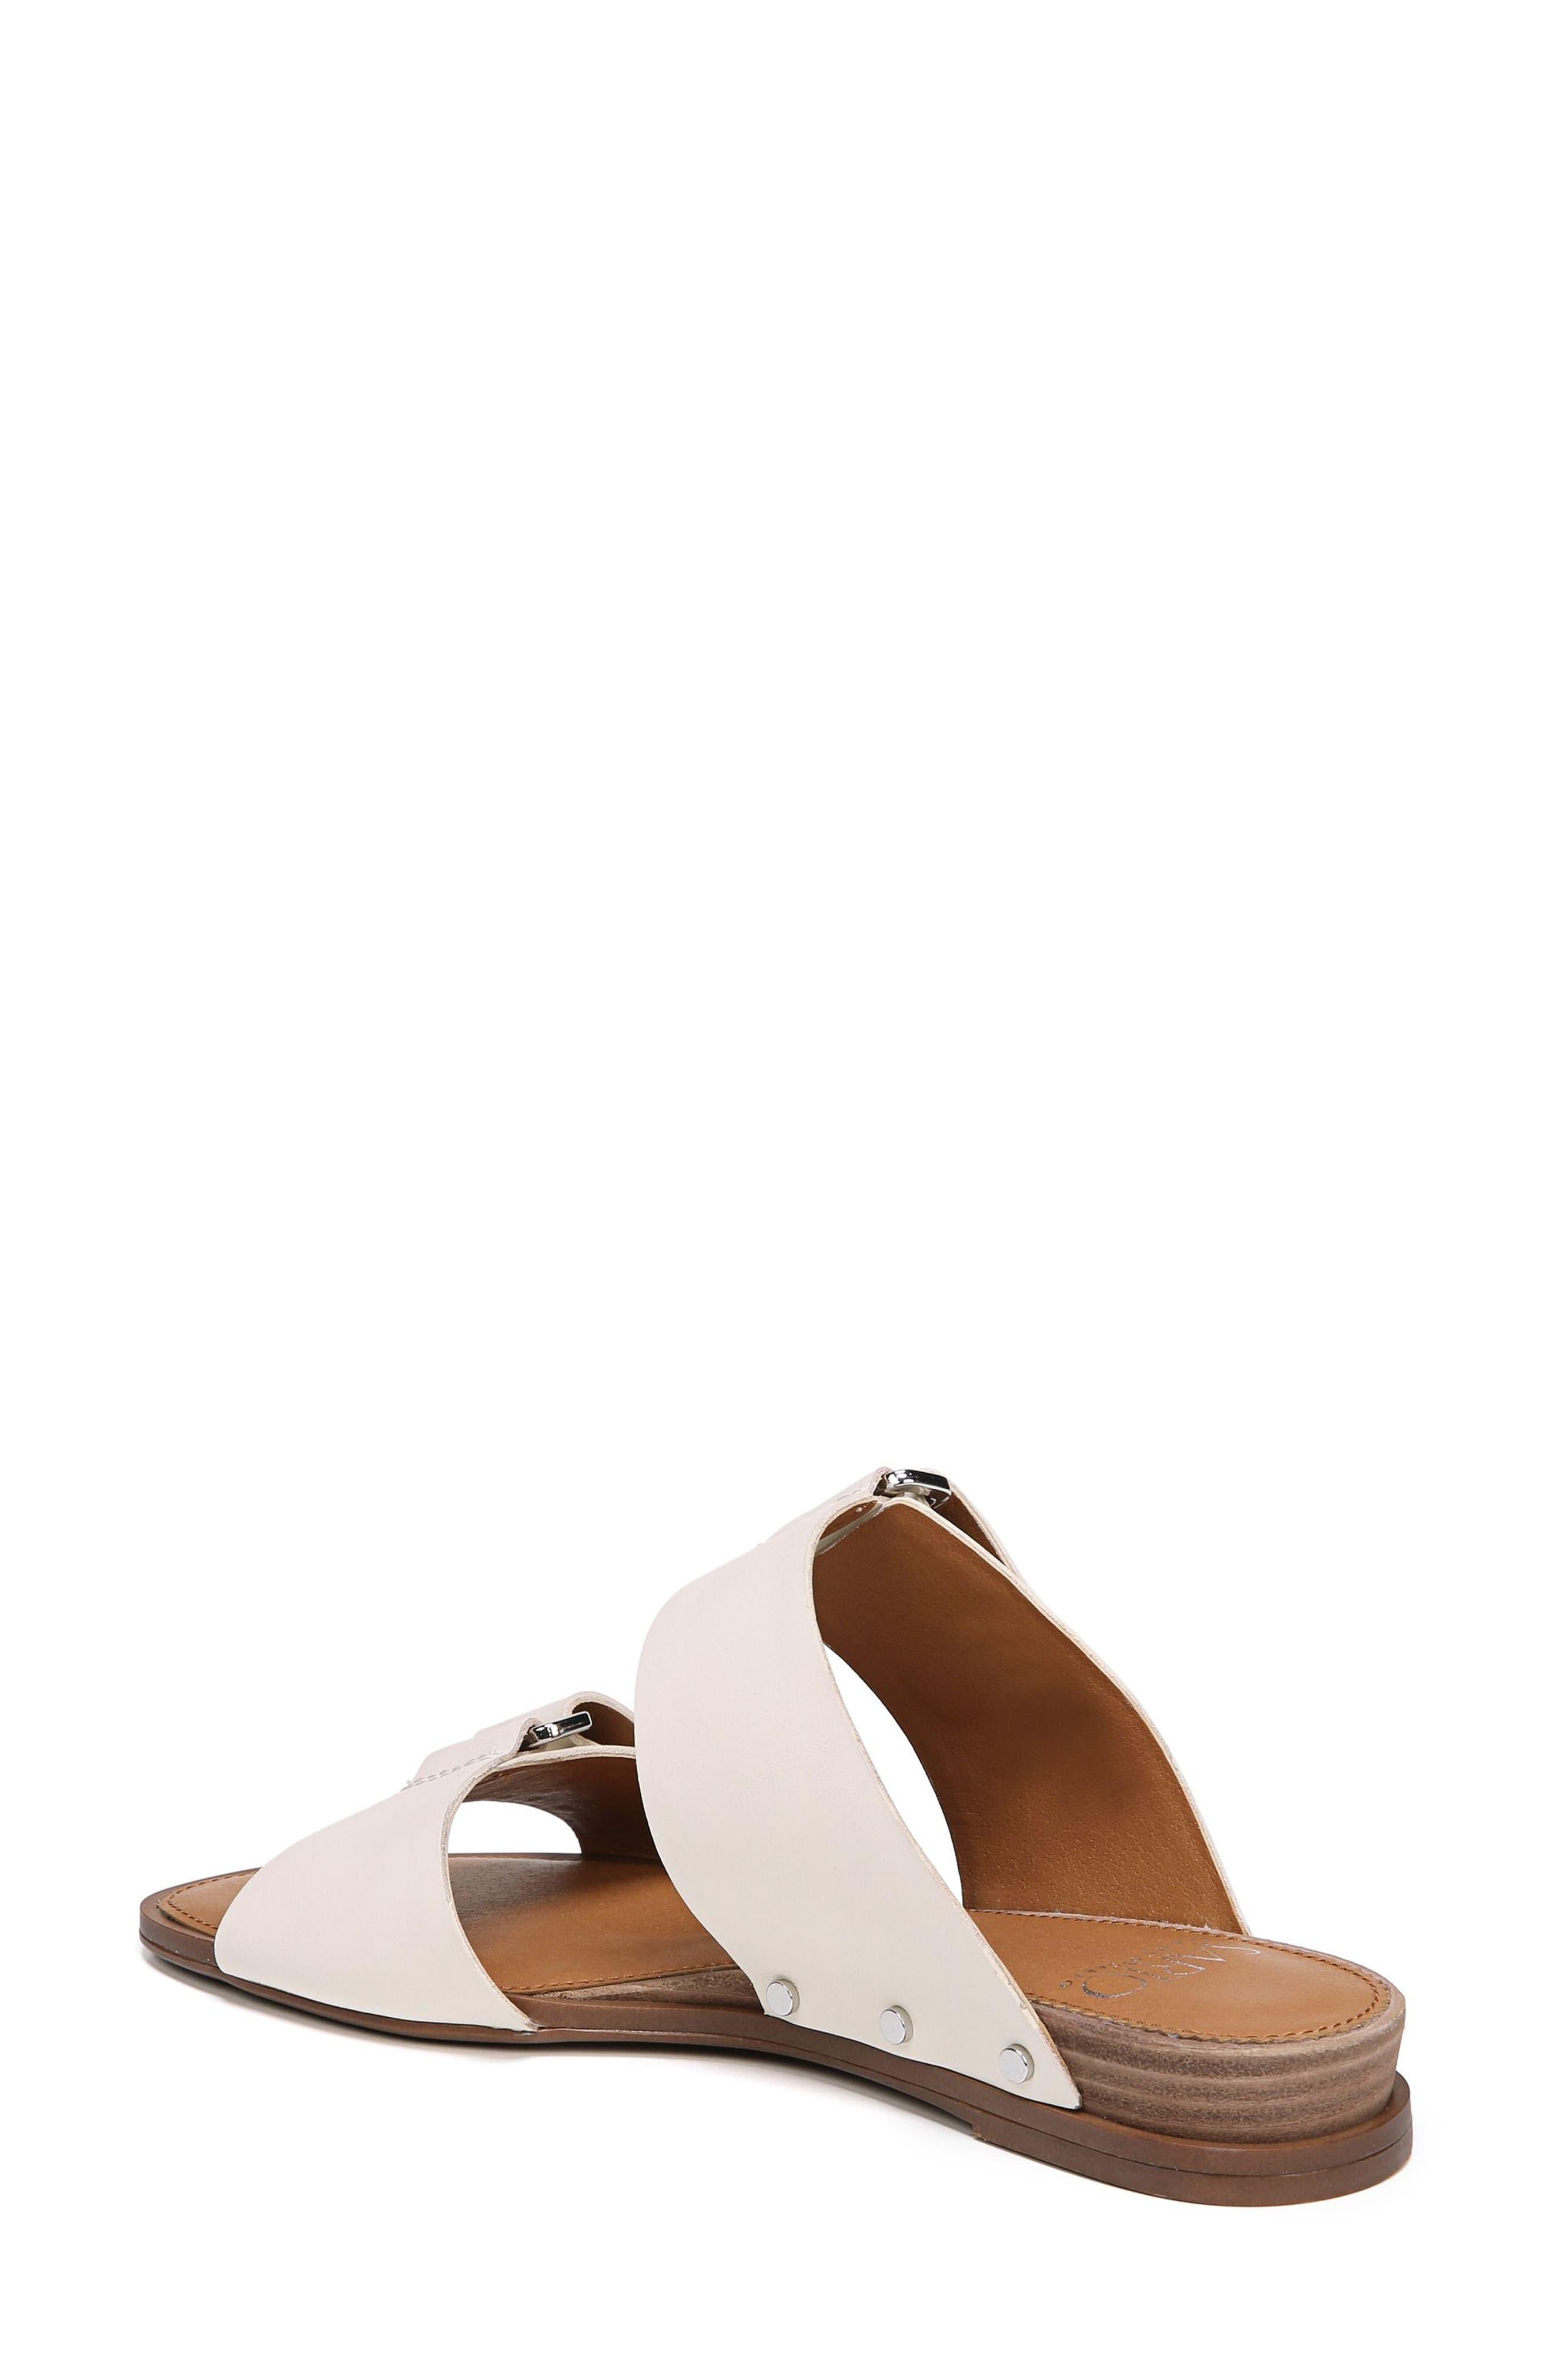 Palomino Genuine Calf Hair Sandal,                             Alternate thumbnail 7, color,